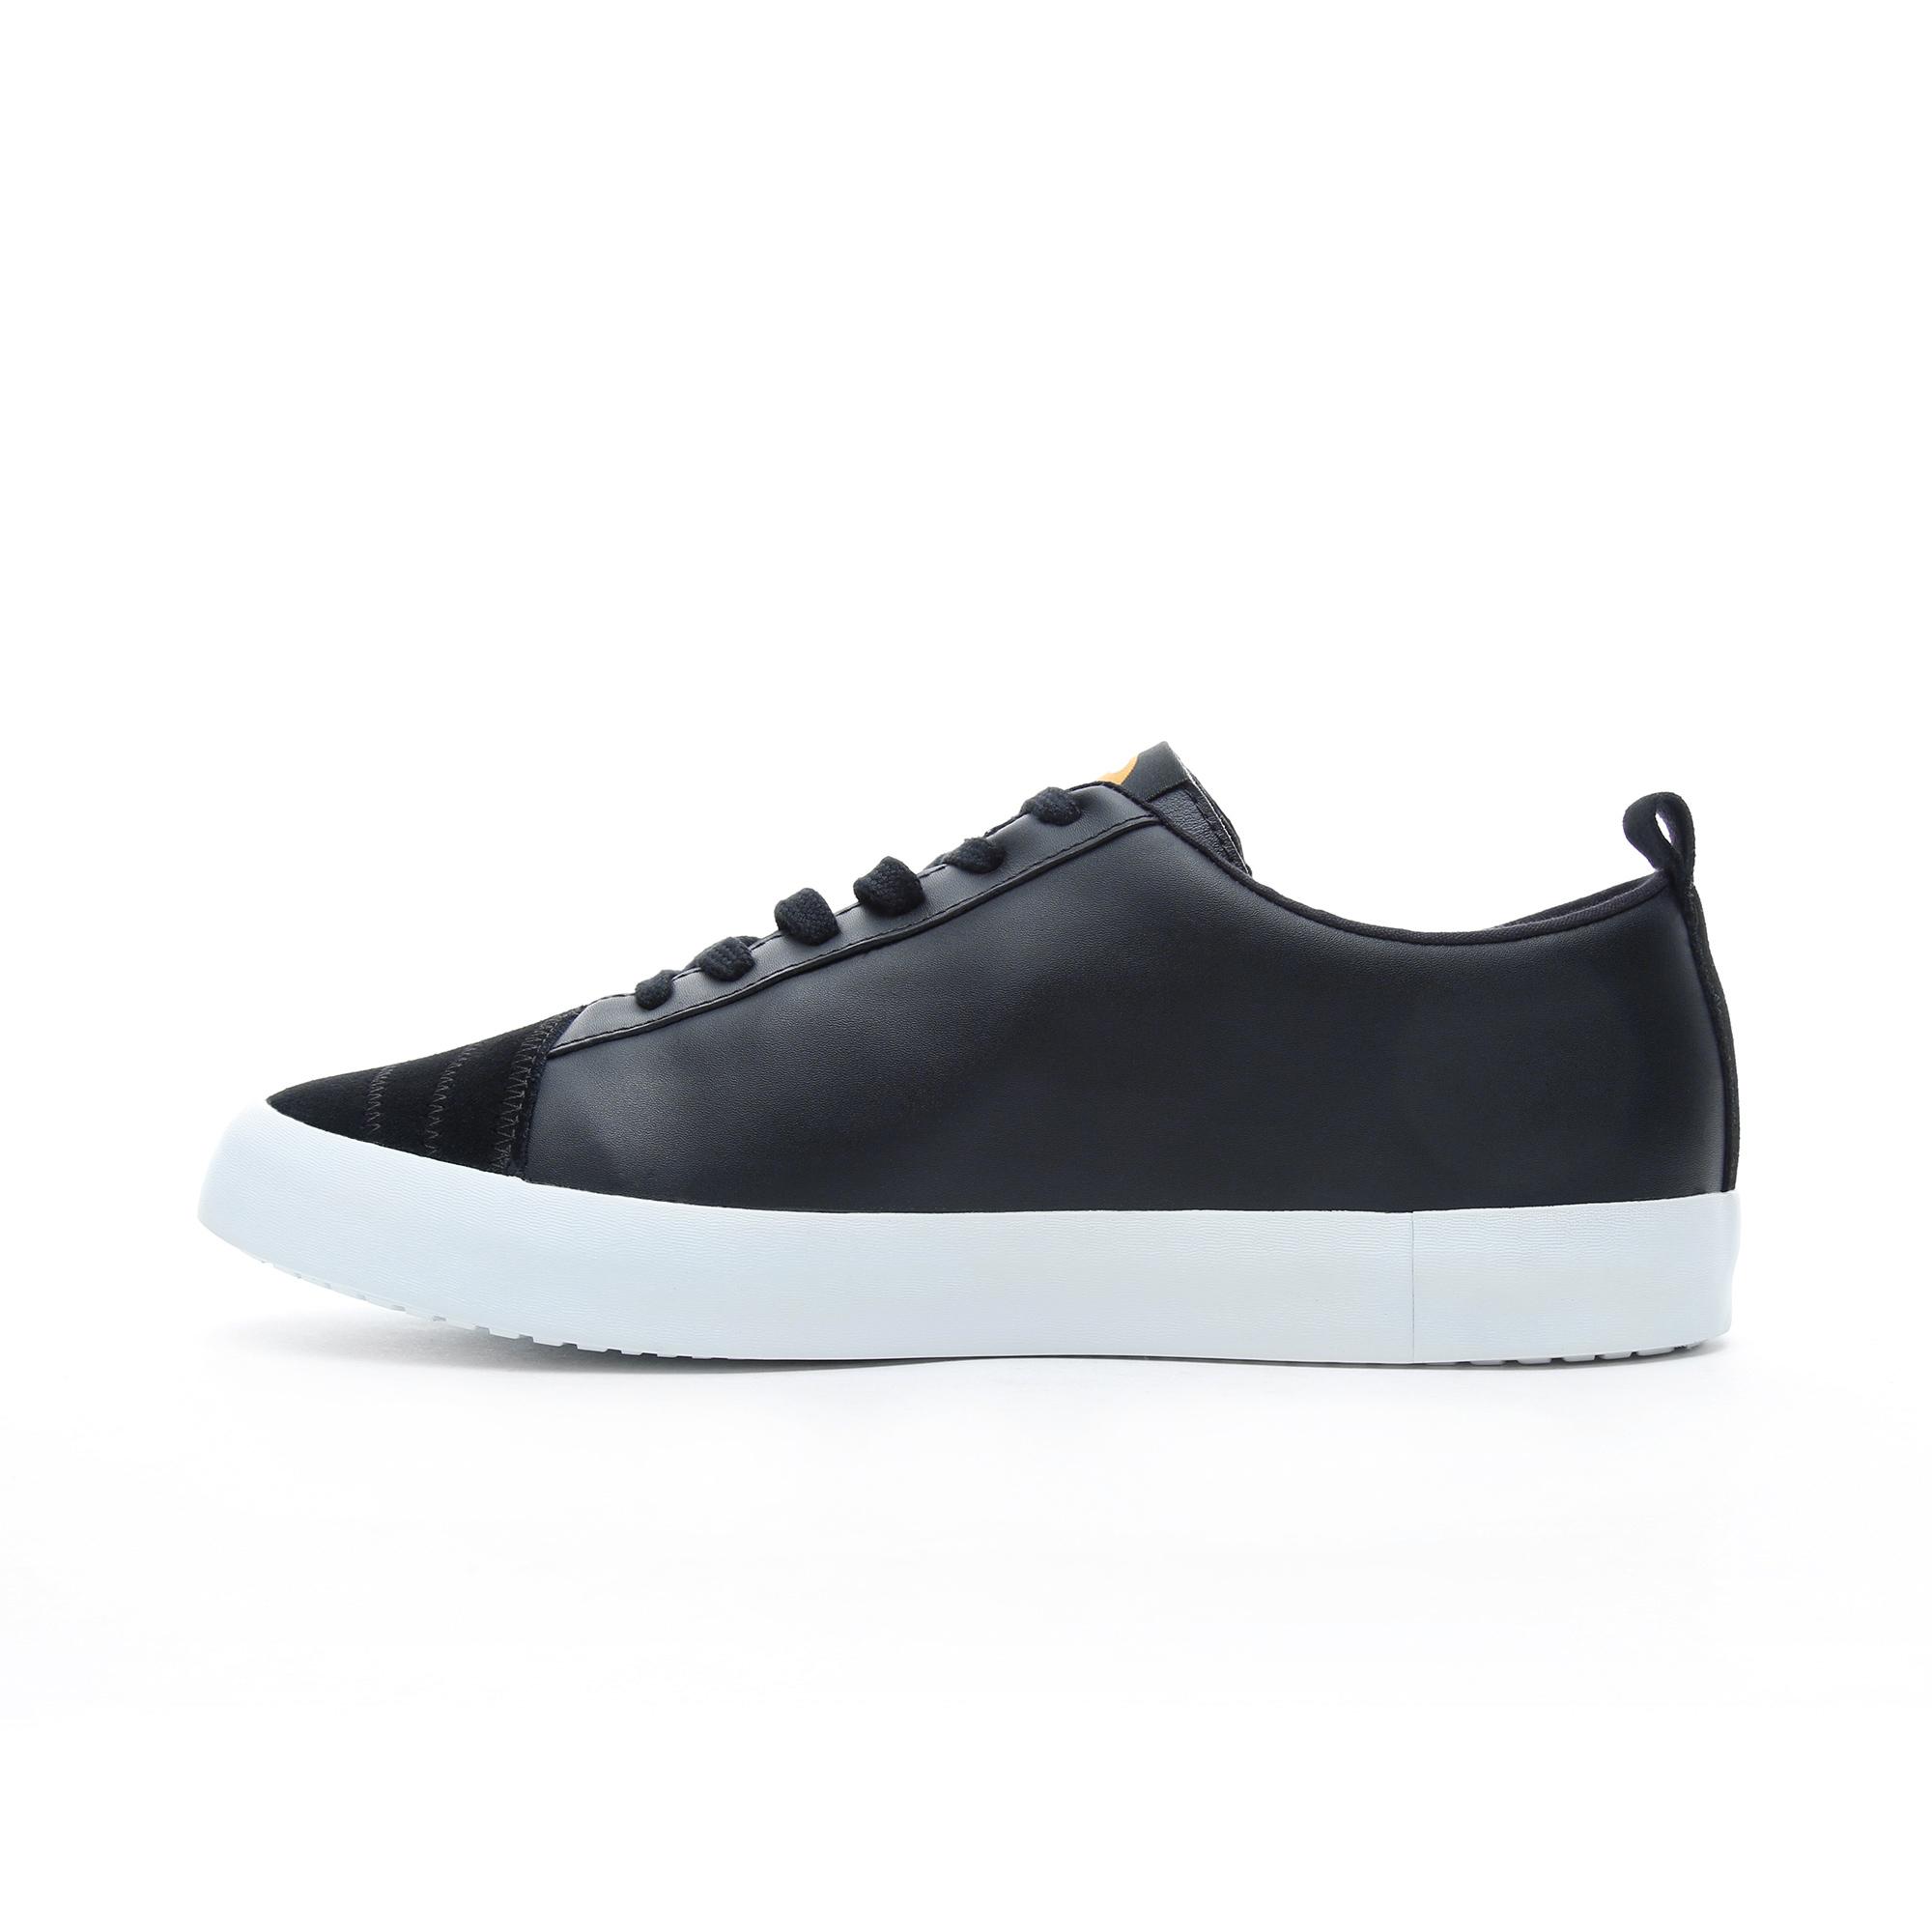 Camper Imar Copa Siyah Erkek Günlük Ayakkabı